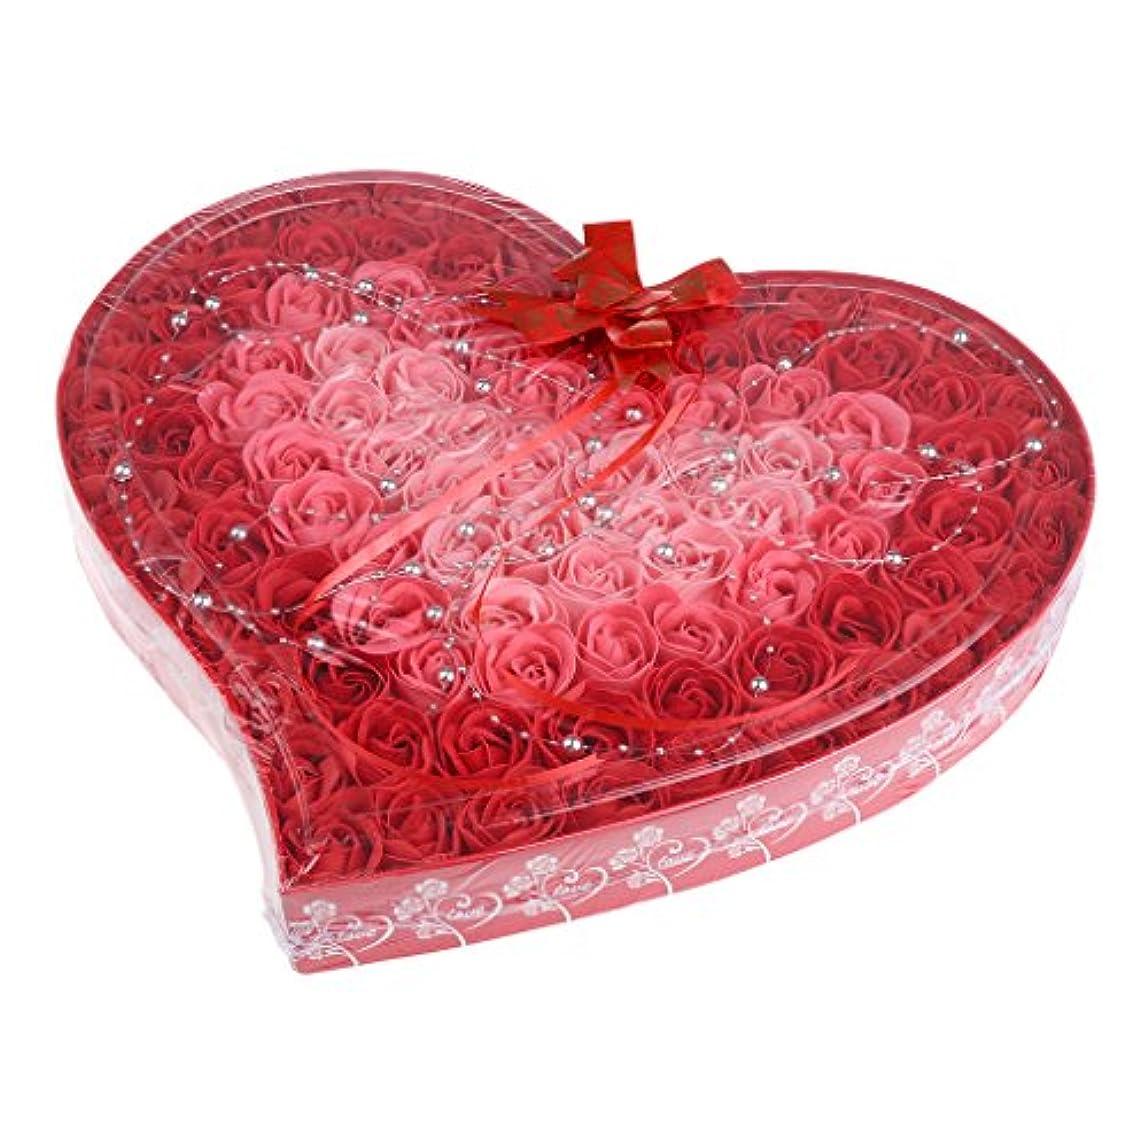 簿記係接続詞を通してPerfk ソープフラワー 石鹸花  造花 フラワー ギフトボックス  誕生日 母の日 記念日 先生の日 バレンタインデー プレゼント 全4色選べる - 赤